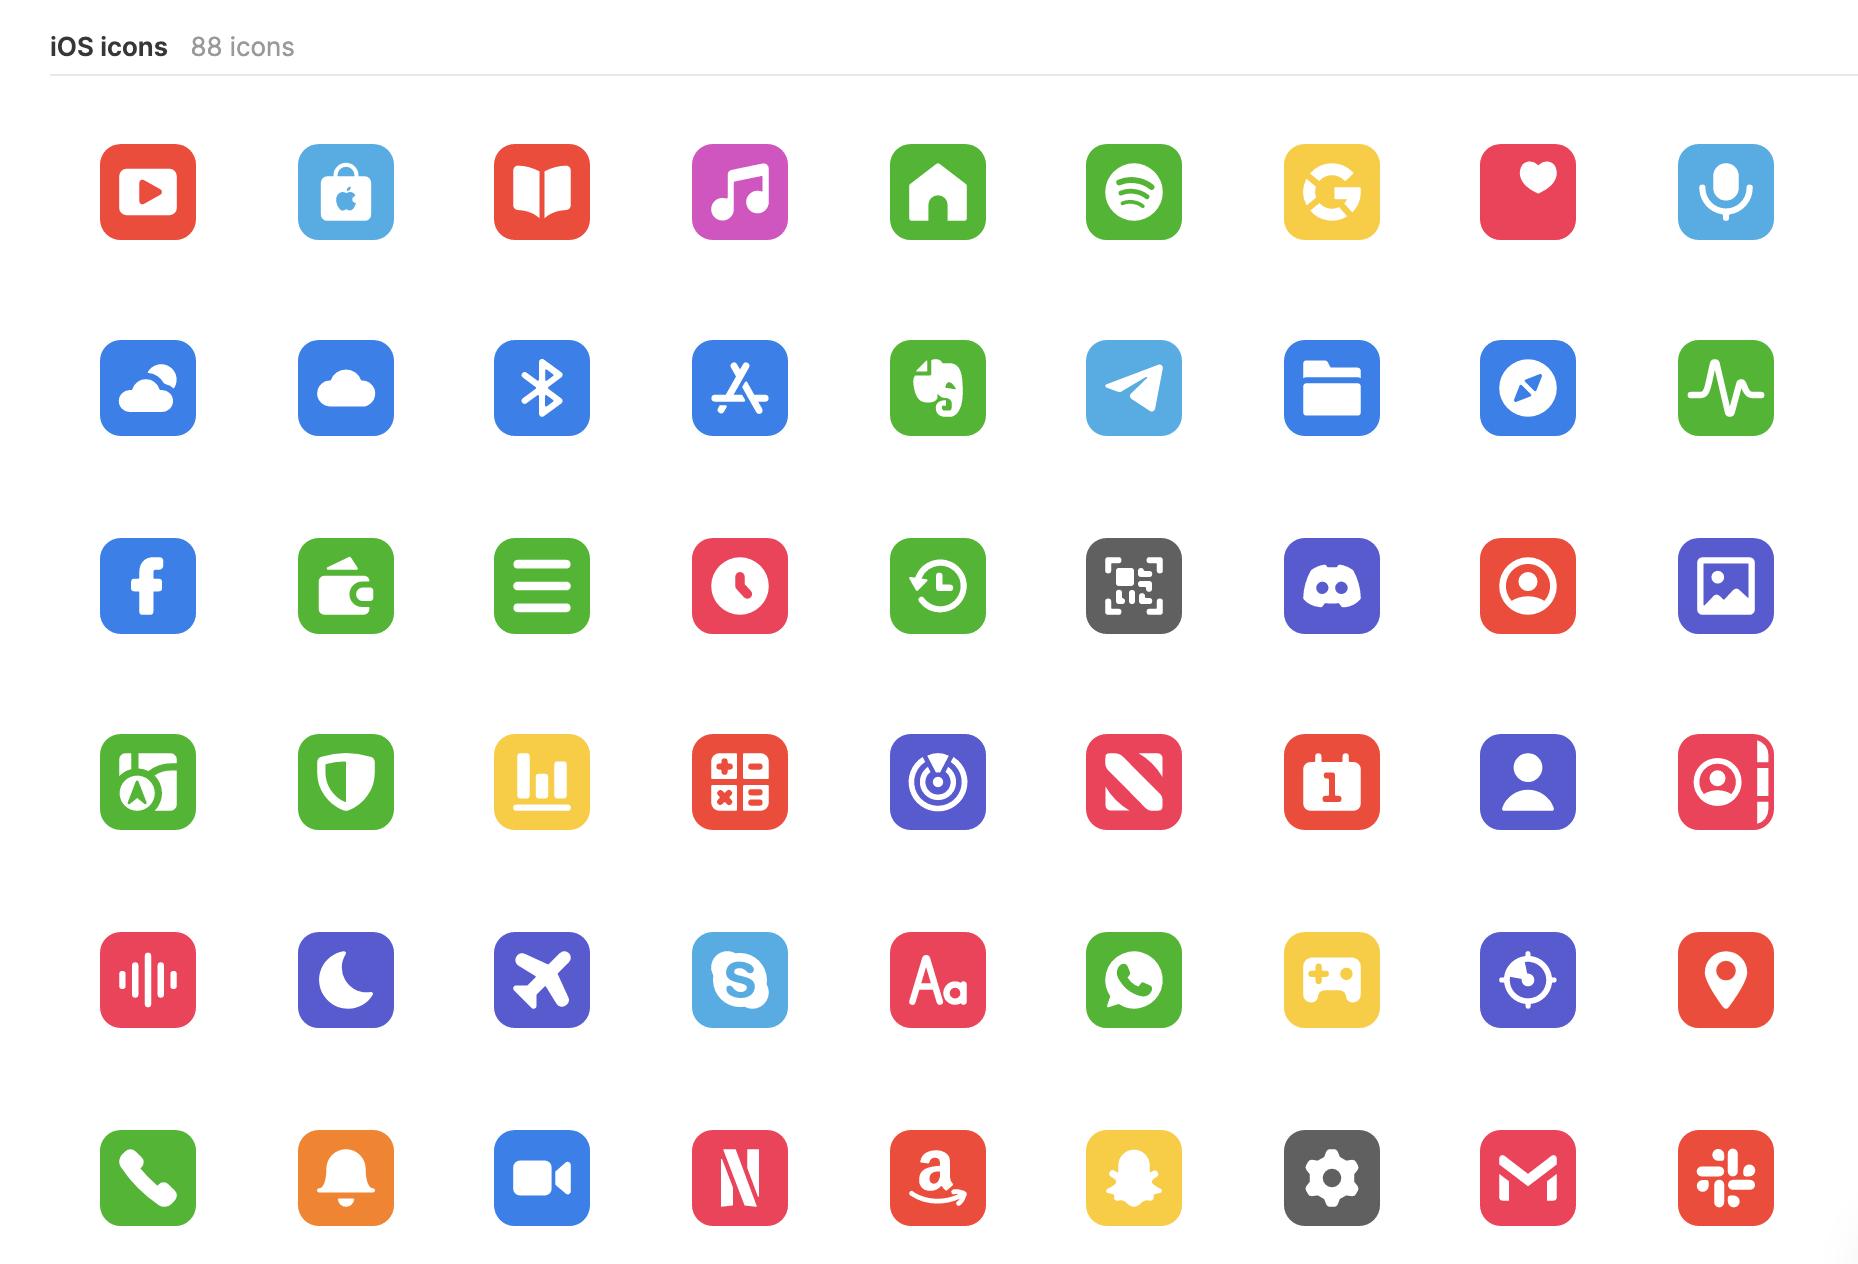 iOS 14 Icons